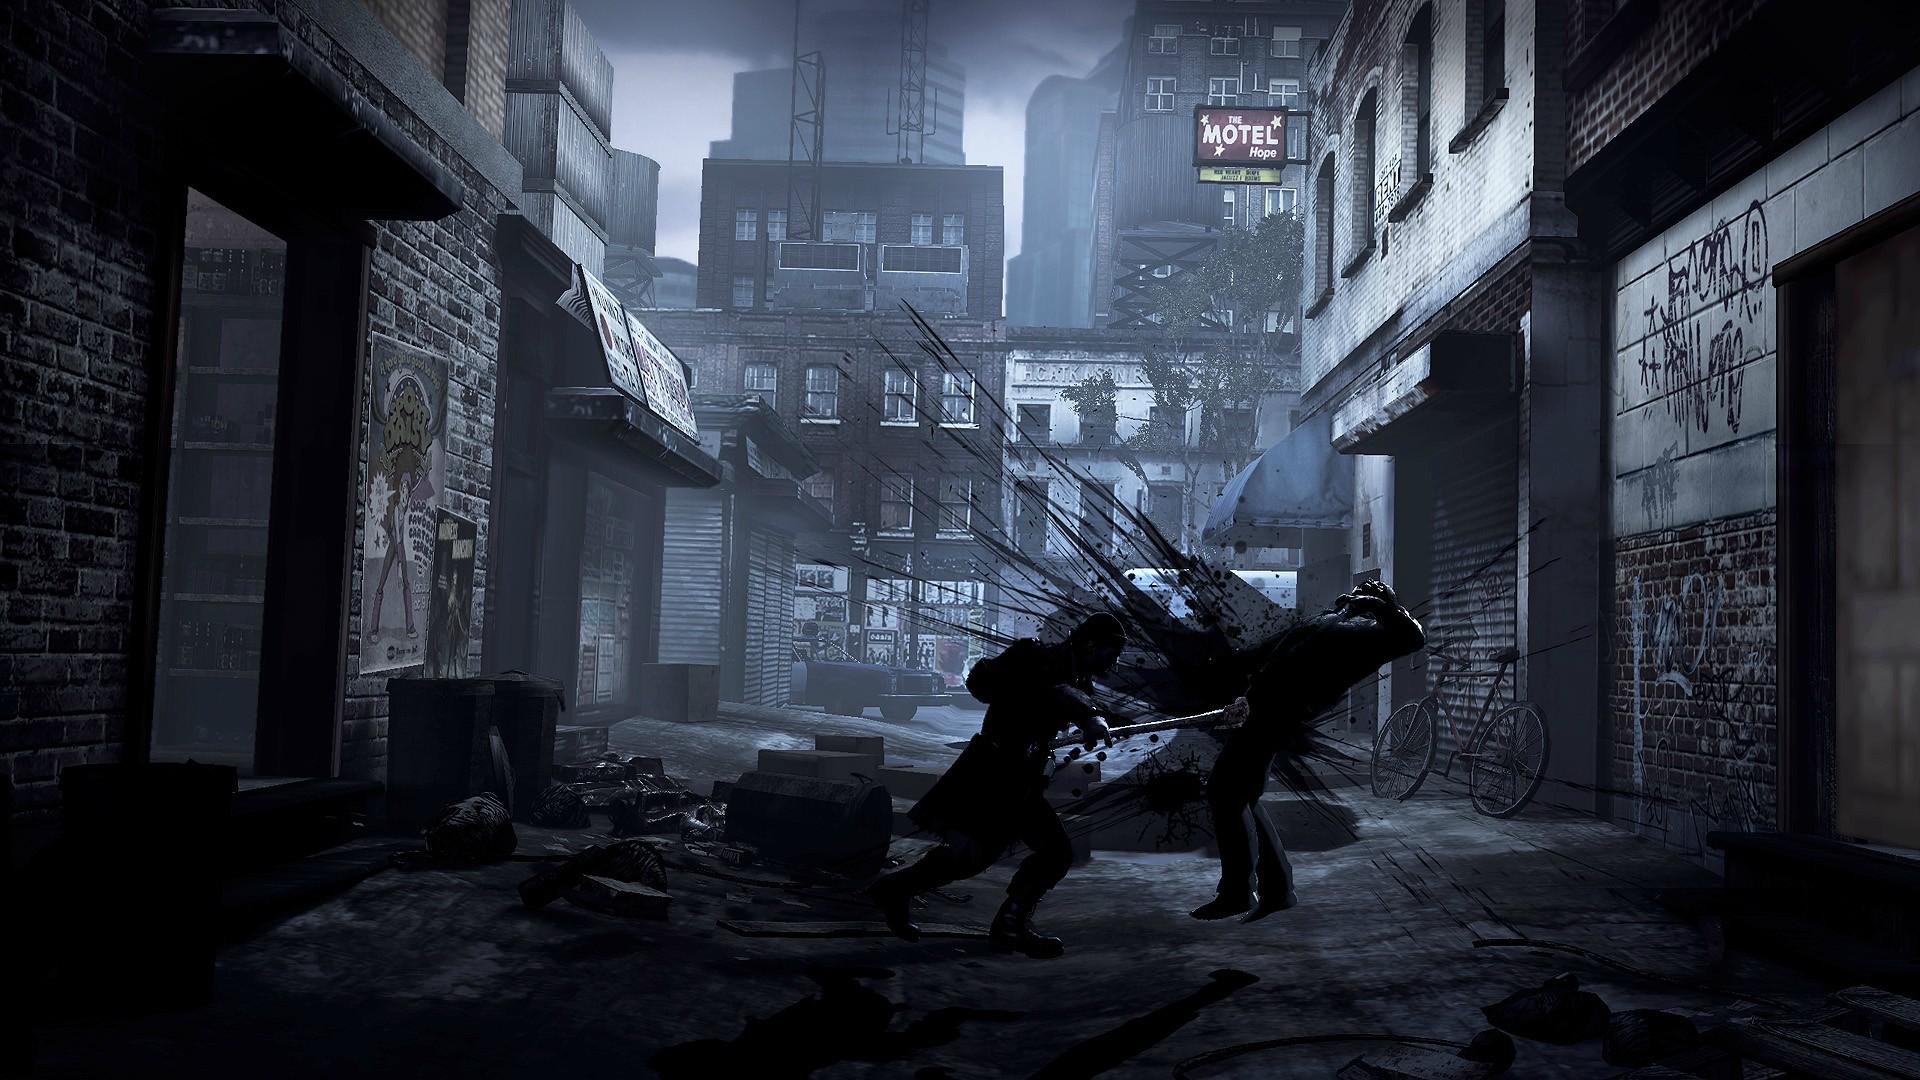 Nejzajímavější události týdne: Hitman, Medal of Honor, AC3, FIFA 13, Torchlight 2 (40. týden) 61649